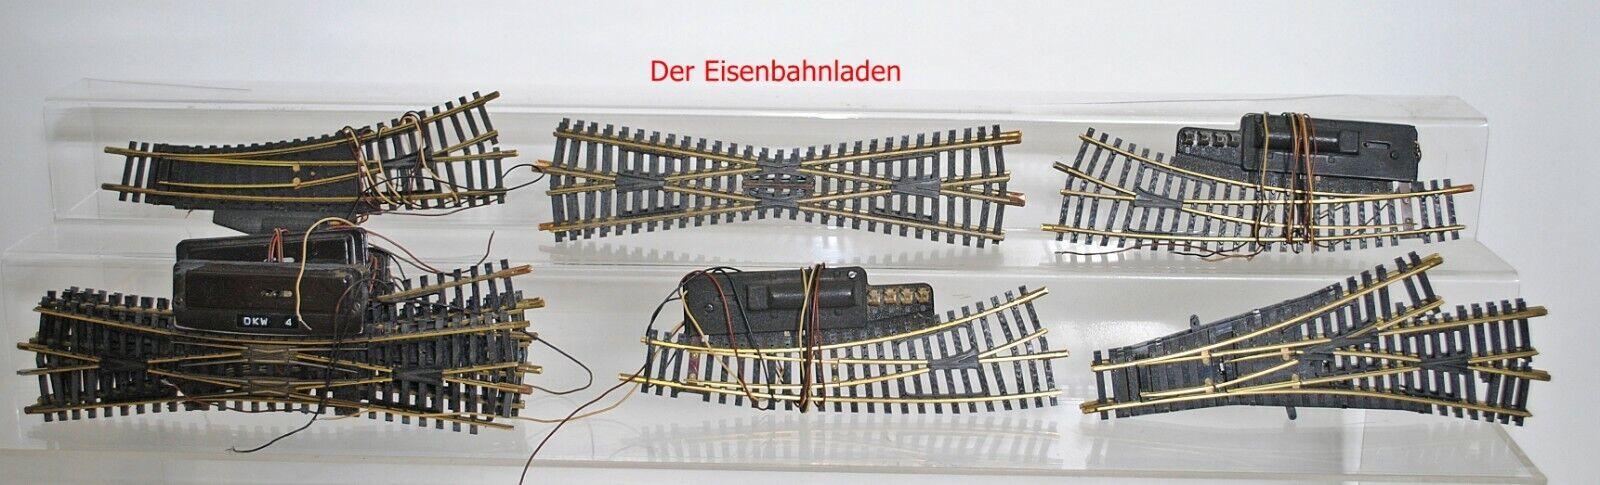 Fleischmann h0 1711,6046,5058, etc., colección suave véase foto -- da2.7.